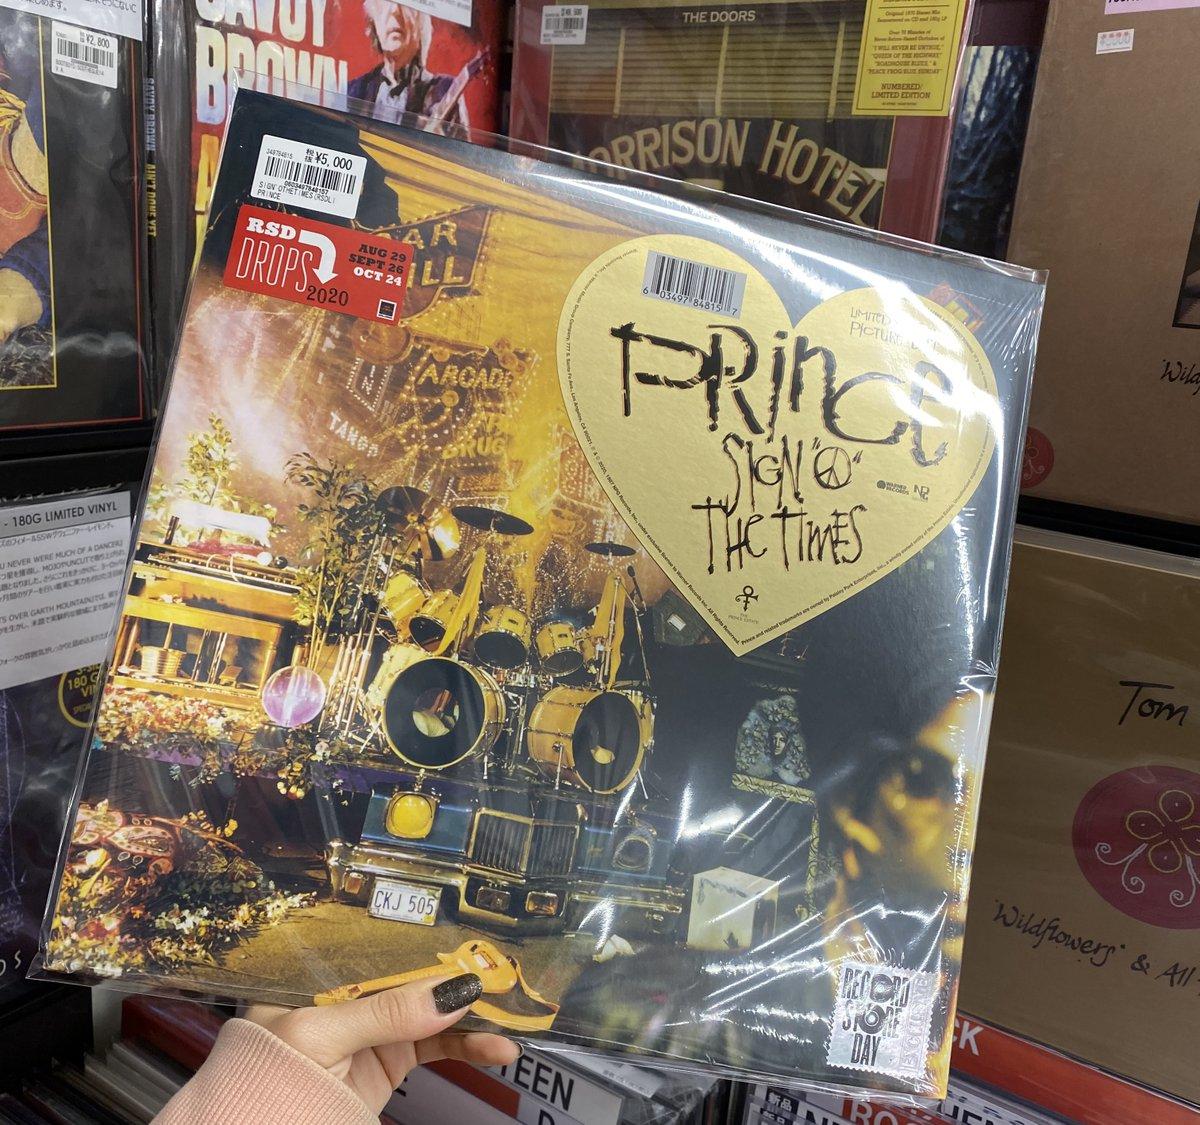 遅ればせながらの新入荷! #RSDDROPS 限定のピクチャー・ディスクが少量のみ入荷🥳  最新リマスター音源のアルバムを収録した、2LP仕様のリマスタード・エディション!  点数僅かなのでお求めはお早めにどうぞ👍  #PRINCE / SIGN'O THE TIMES (LTD.PICTURE DISC) 輸入LP 5,500円(税込)